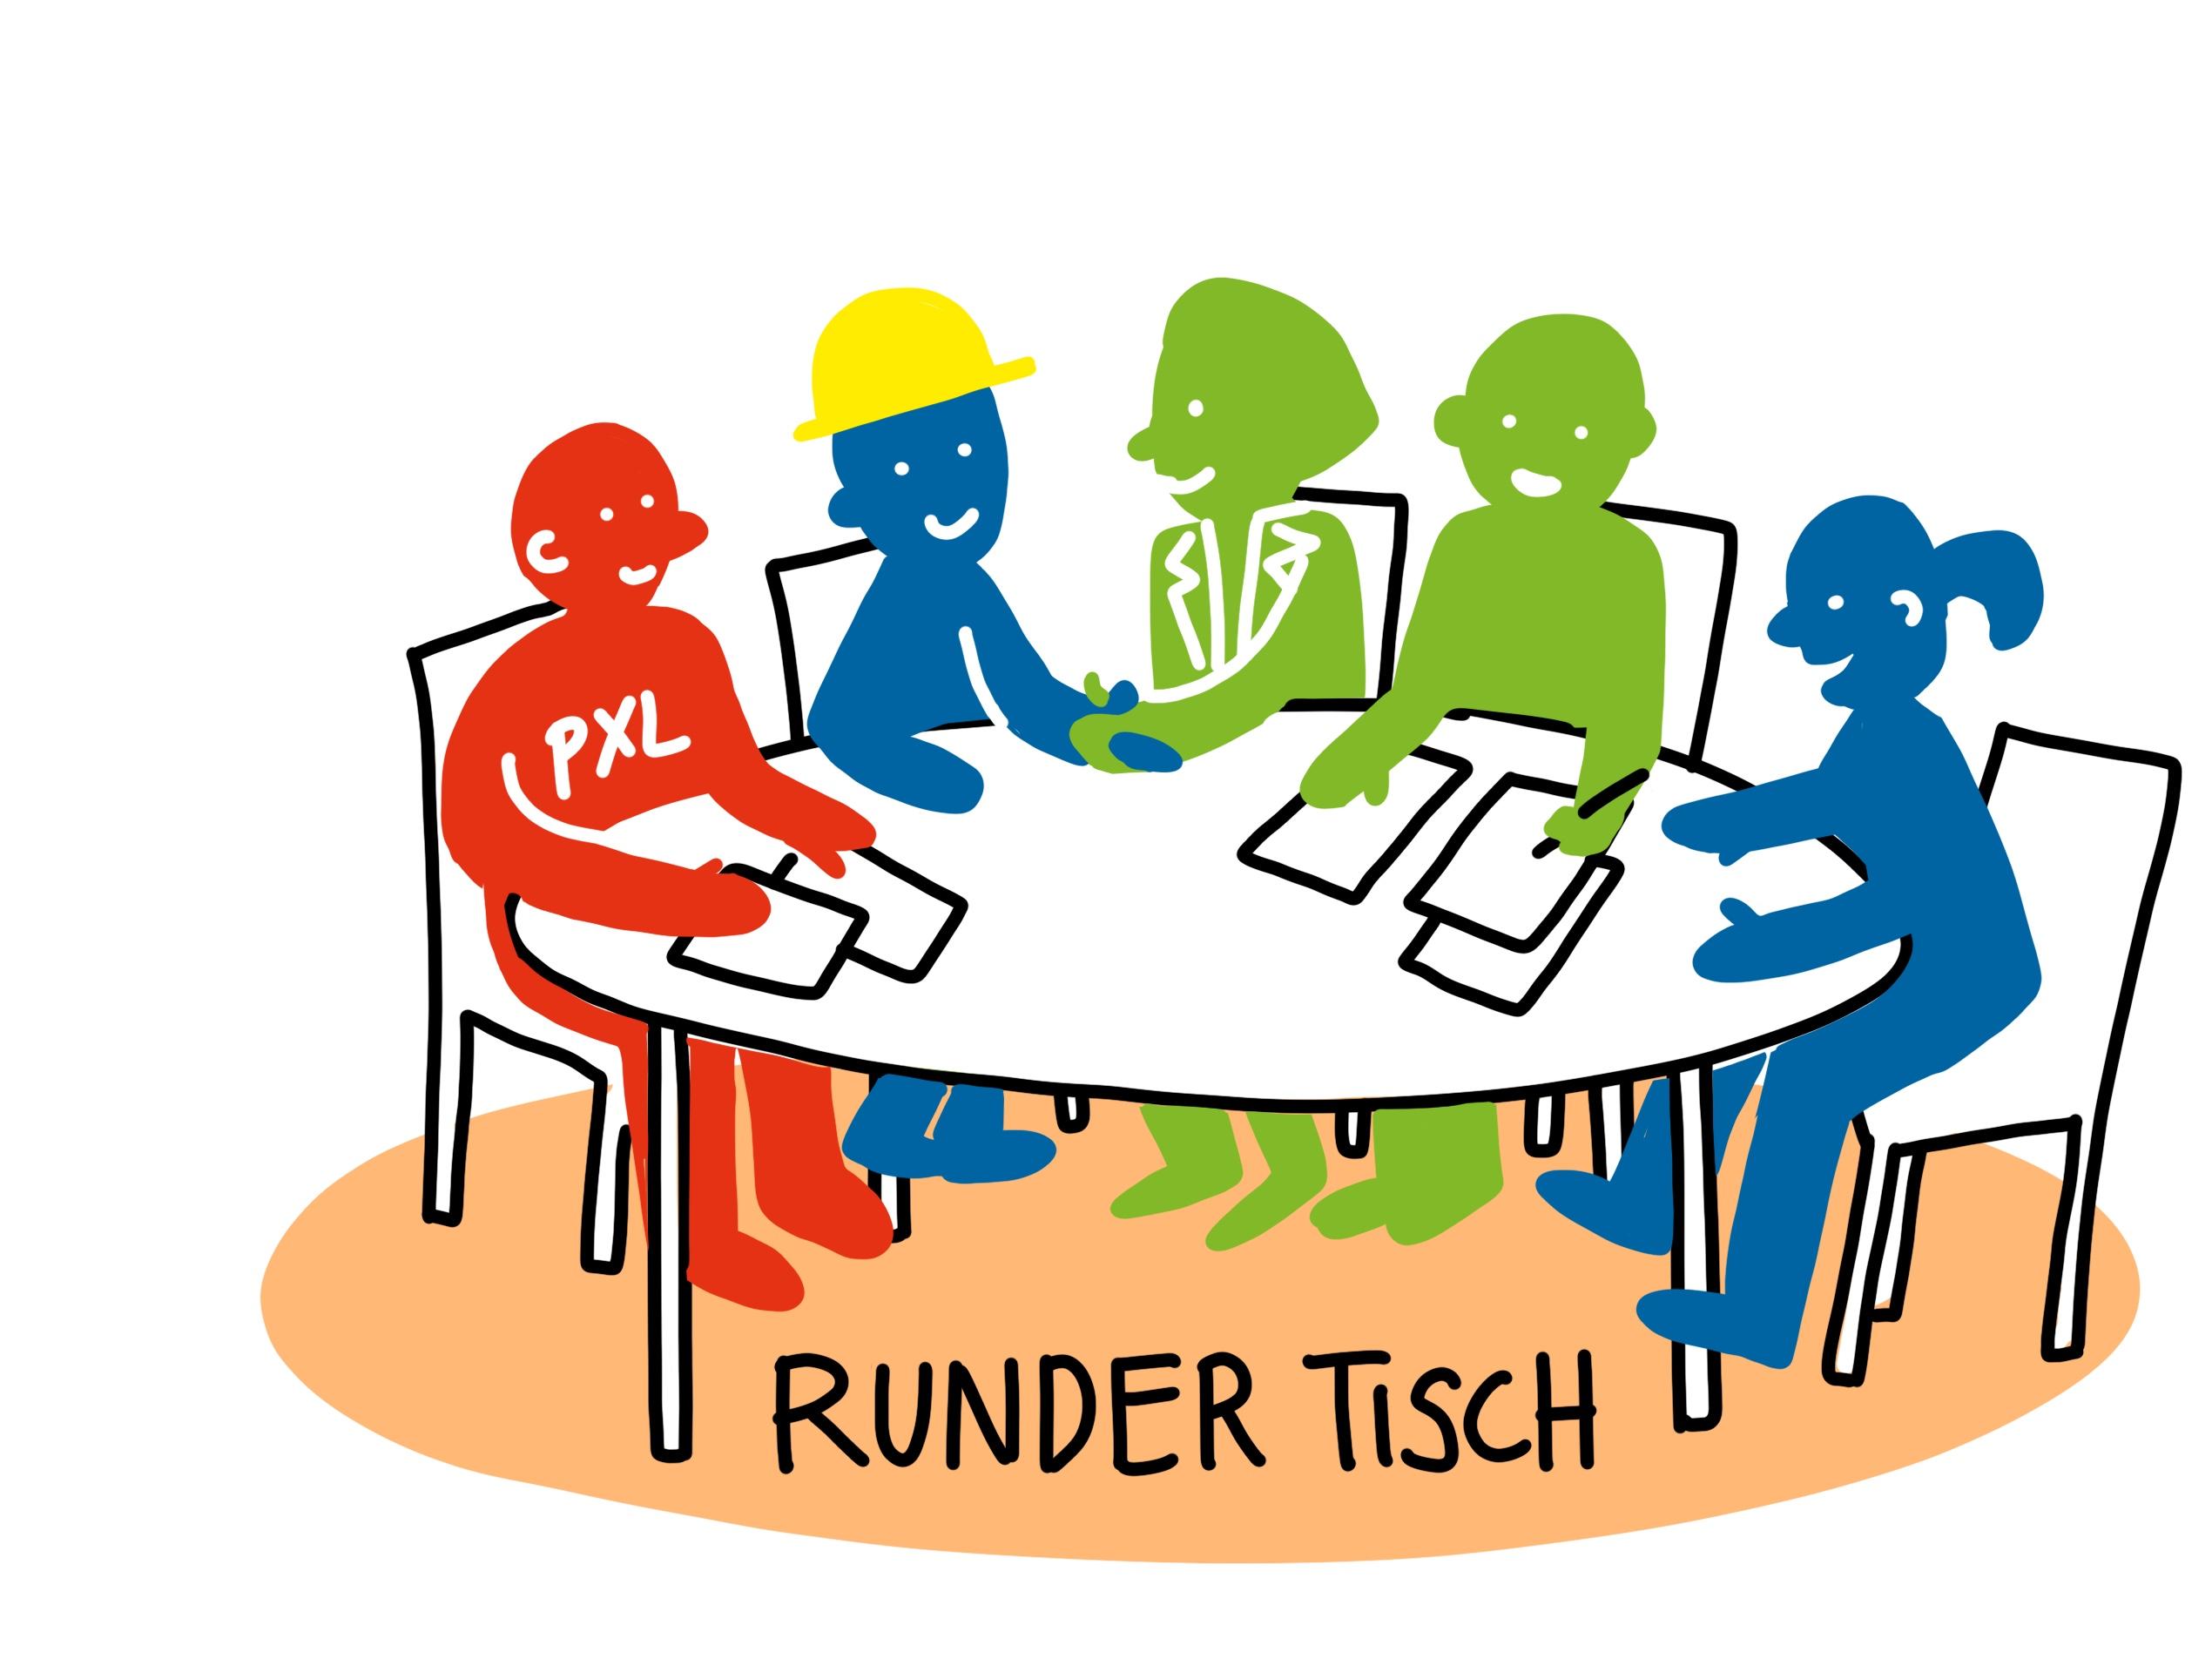 Runder Tisch PXL_Icon